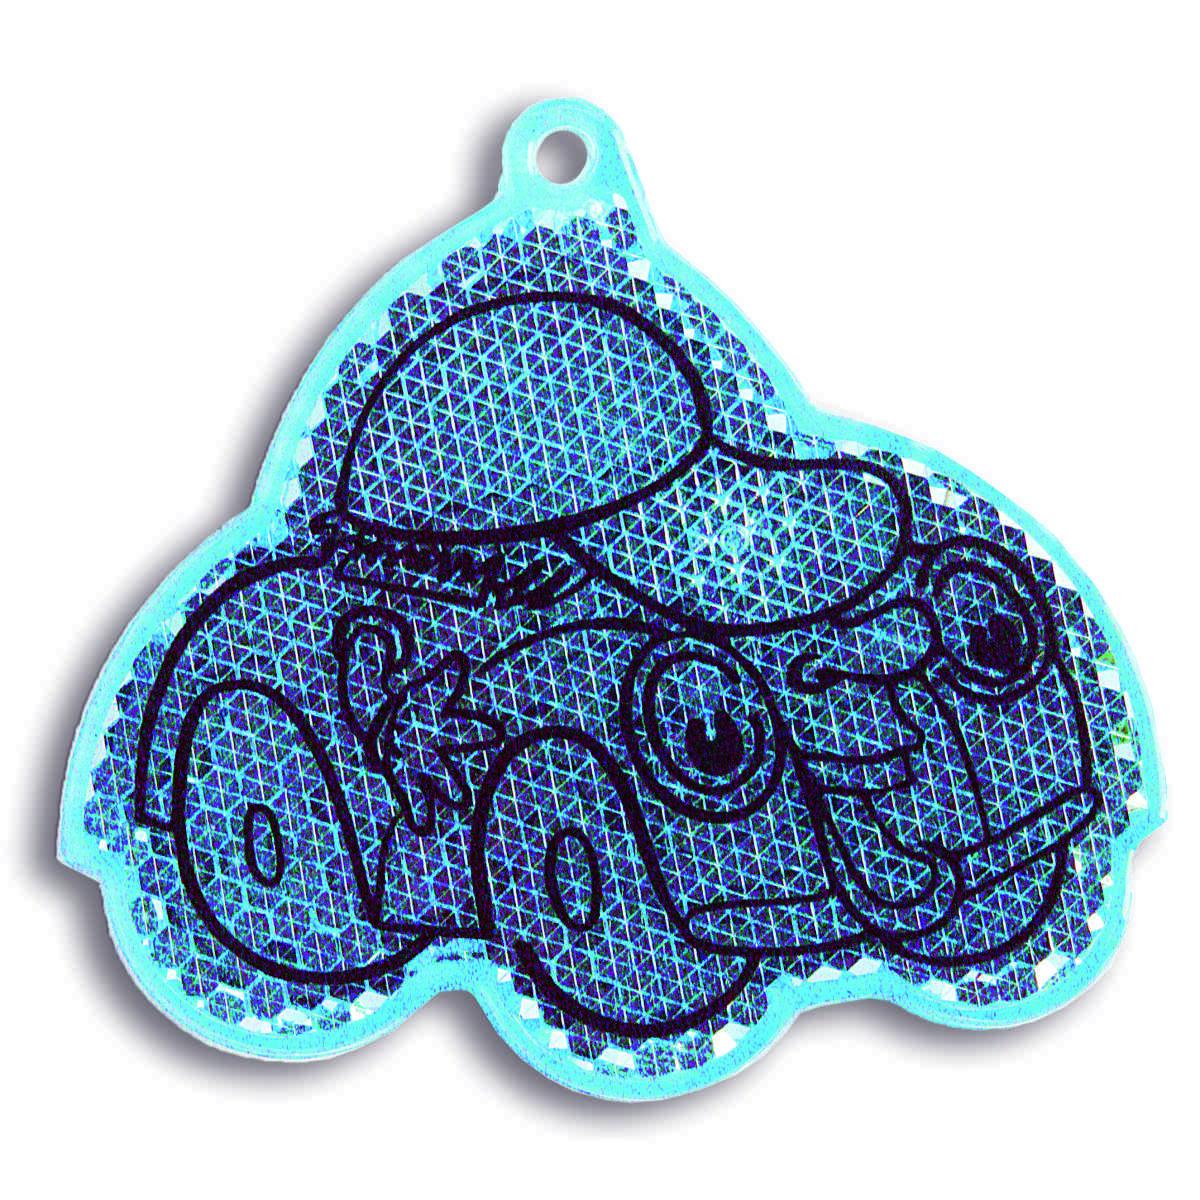 Мамасвет Светоотражатель пешеходный Авто цвет голубой51010.30Светоотражатель пешеходный Мамасвет Авто - это средство эффективной безопасности пешехода в темное время суток и в условиях плохой видимости. Использование светоотражателя позволяет водителю увидеть пешехода на расстоянии 150-400 метров и избежать возникновения опасной ситуации. Светоотражатель крепится на рюкзаках, сумках, одежде, детских колясках, ошейниках собак. Рекомендуется расположить светоотражатель с той стороны, которая при движении пешехода обращена к проезжей части, таким образом, чтобы он висел примерно на высоте колена. Убедитесь, что отражатель виден спереди и сзади. С 01 июля 2015 года ношение светоотражателей стало обязательным! Ради безопасности и сохранения жизни.